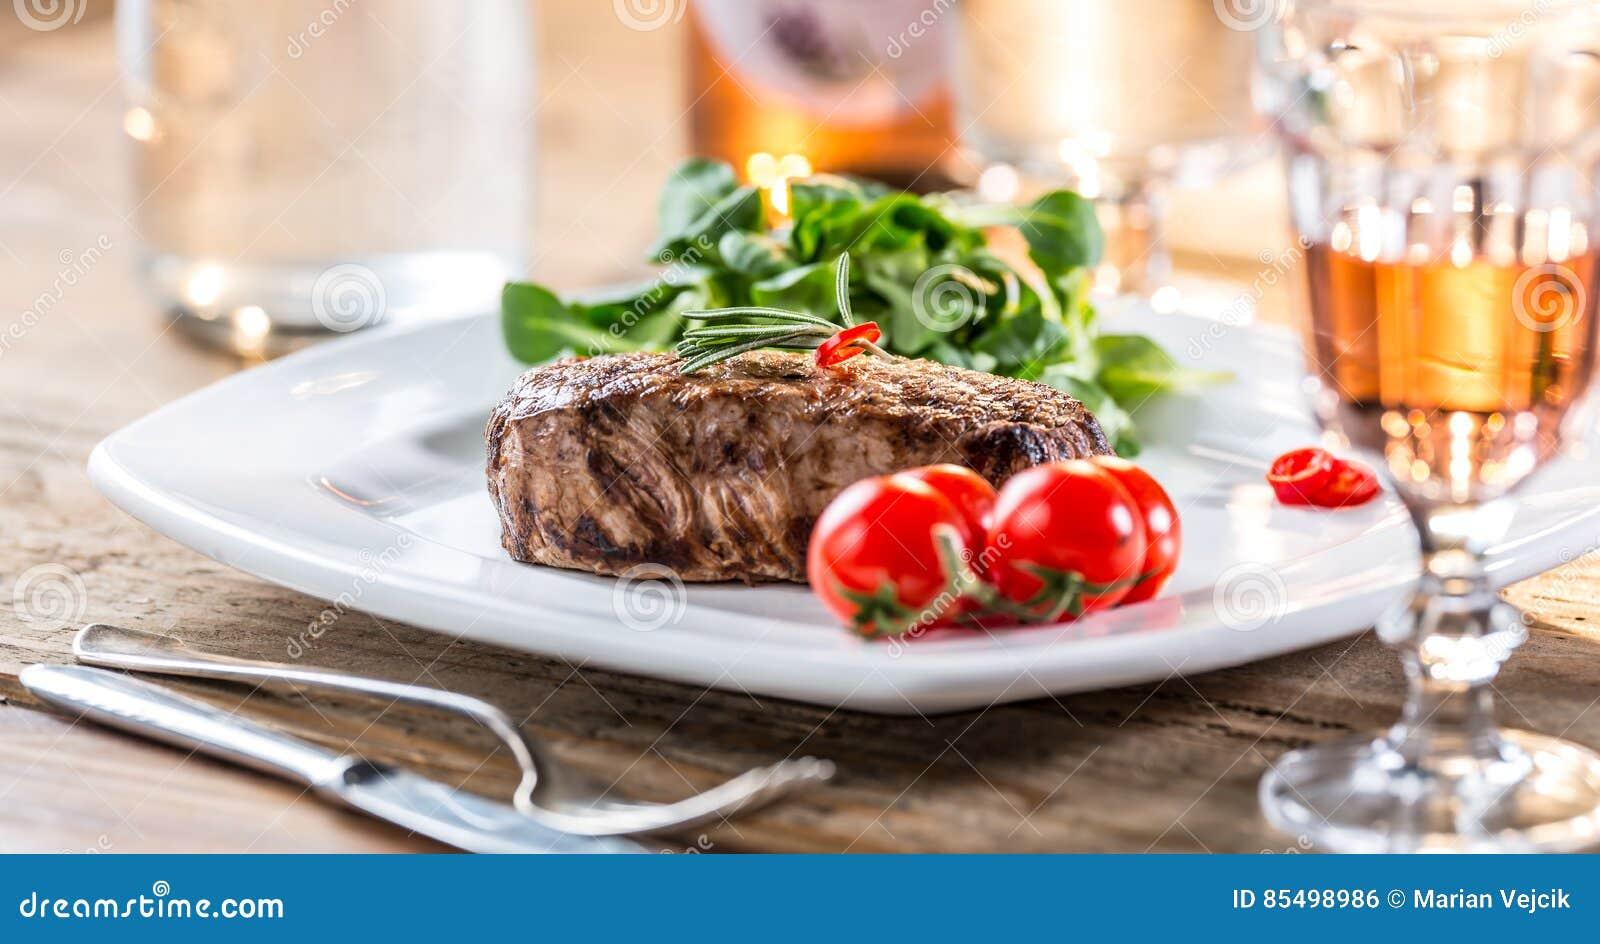 Стейк говядины стейк говядины сочный Изысканный стейк с овощами и стеклом розового вина на деревянном столе